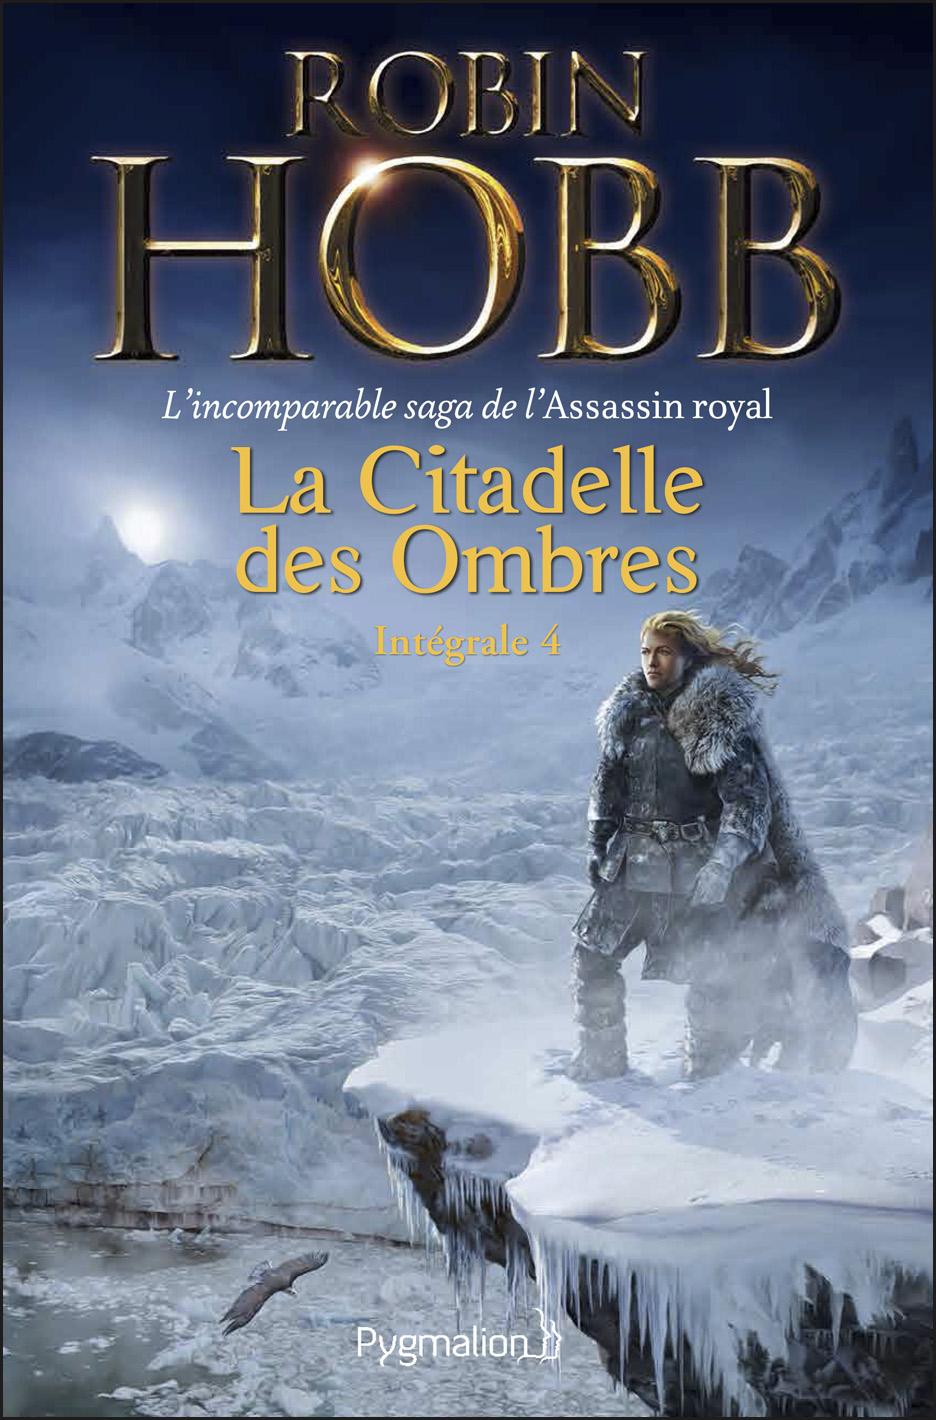 La Citadelle des Ombres - L'Intégrale 4 (Tomes 10 à 13) - L'incomparable saga de L'Assassin royal